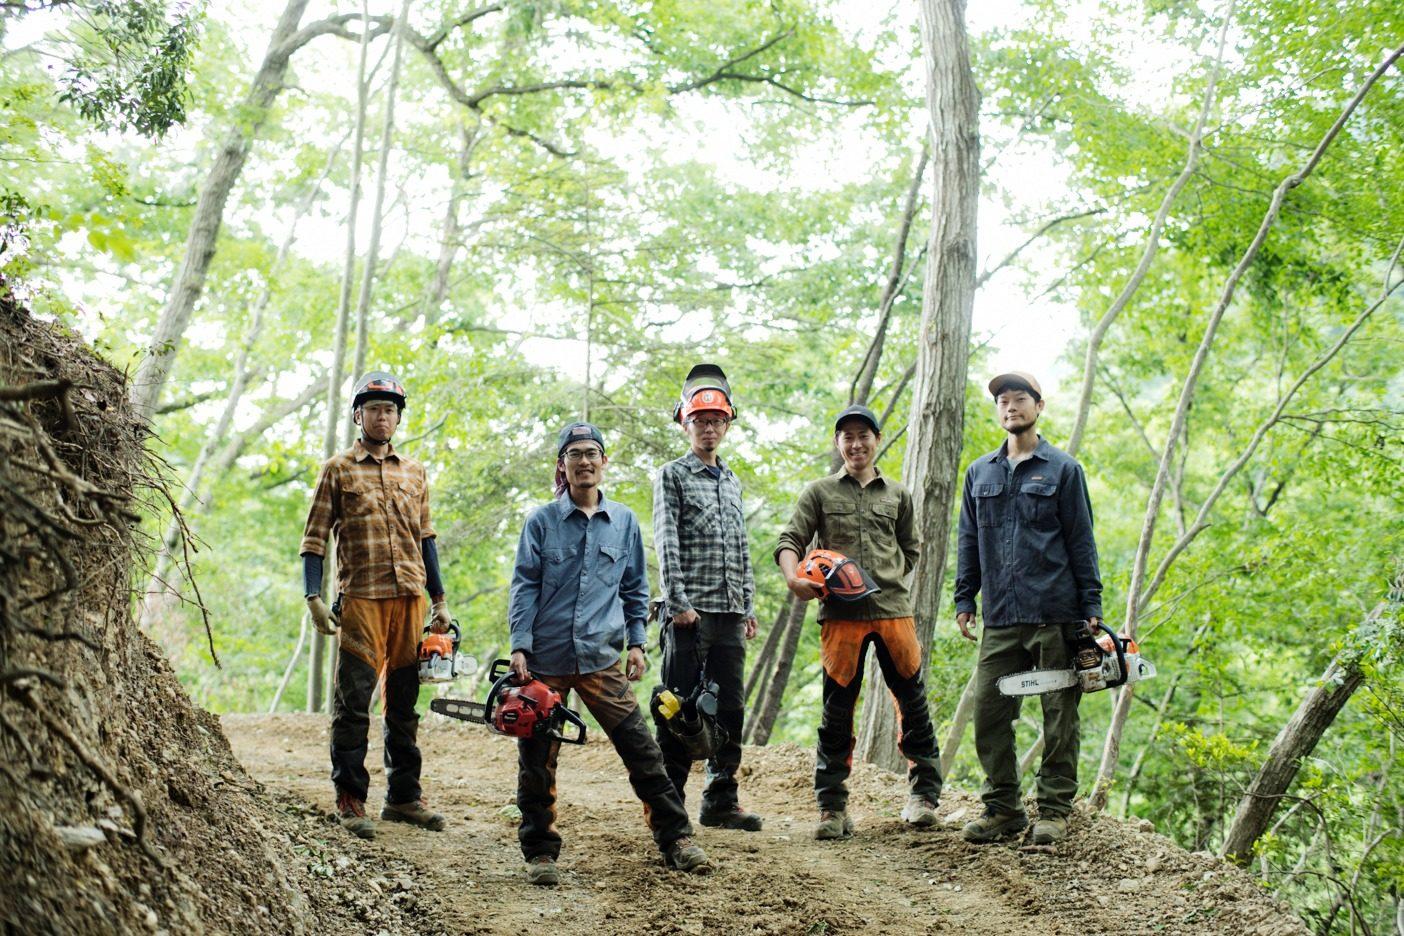 「自然と調和する林業にチャレンジしたい」というスタッフ。渓流釣りや山歩きを趣味とする人も多く、オンオフを問わずアウトドアを満喫している。写真:五十嵐 一晴